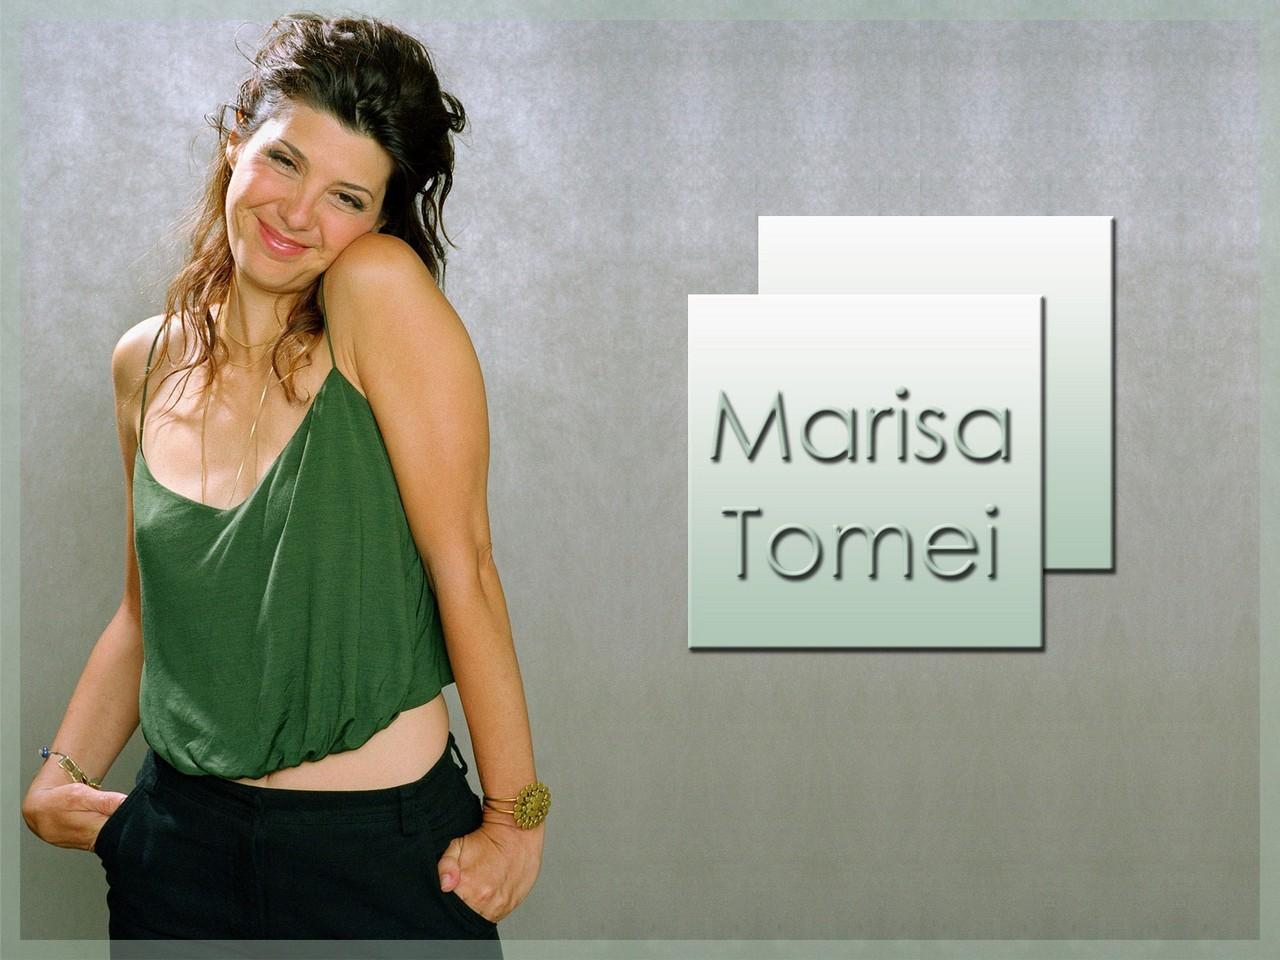 Marisa   Marisa Tomei Wallpaper 947834 1280x960